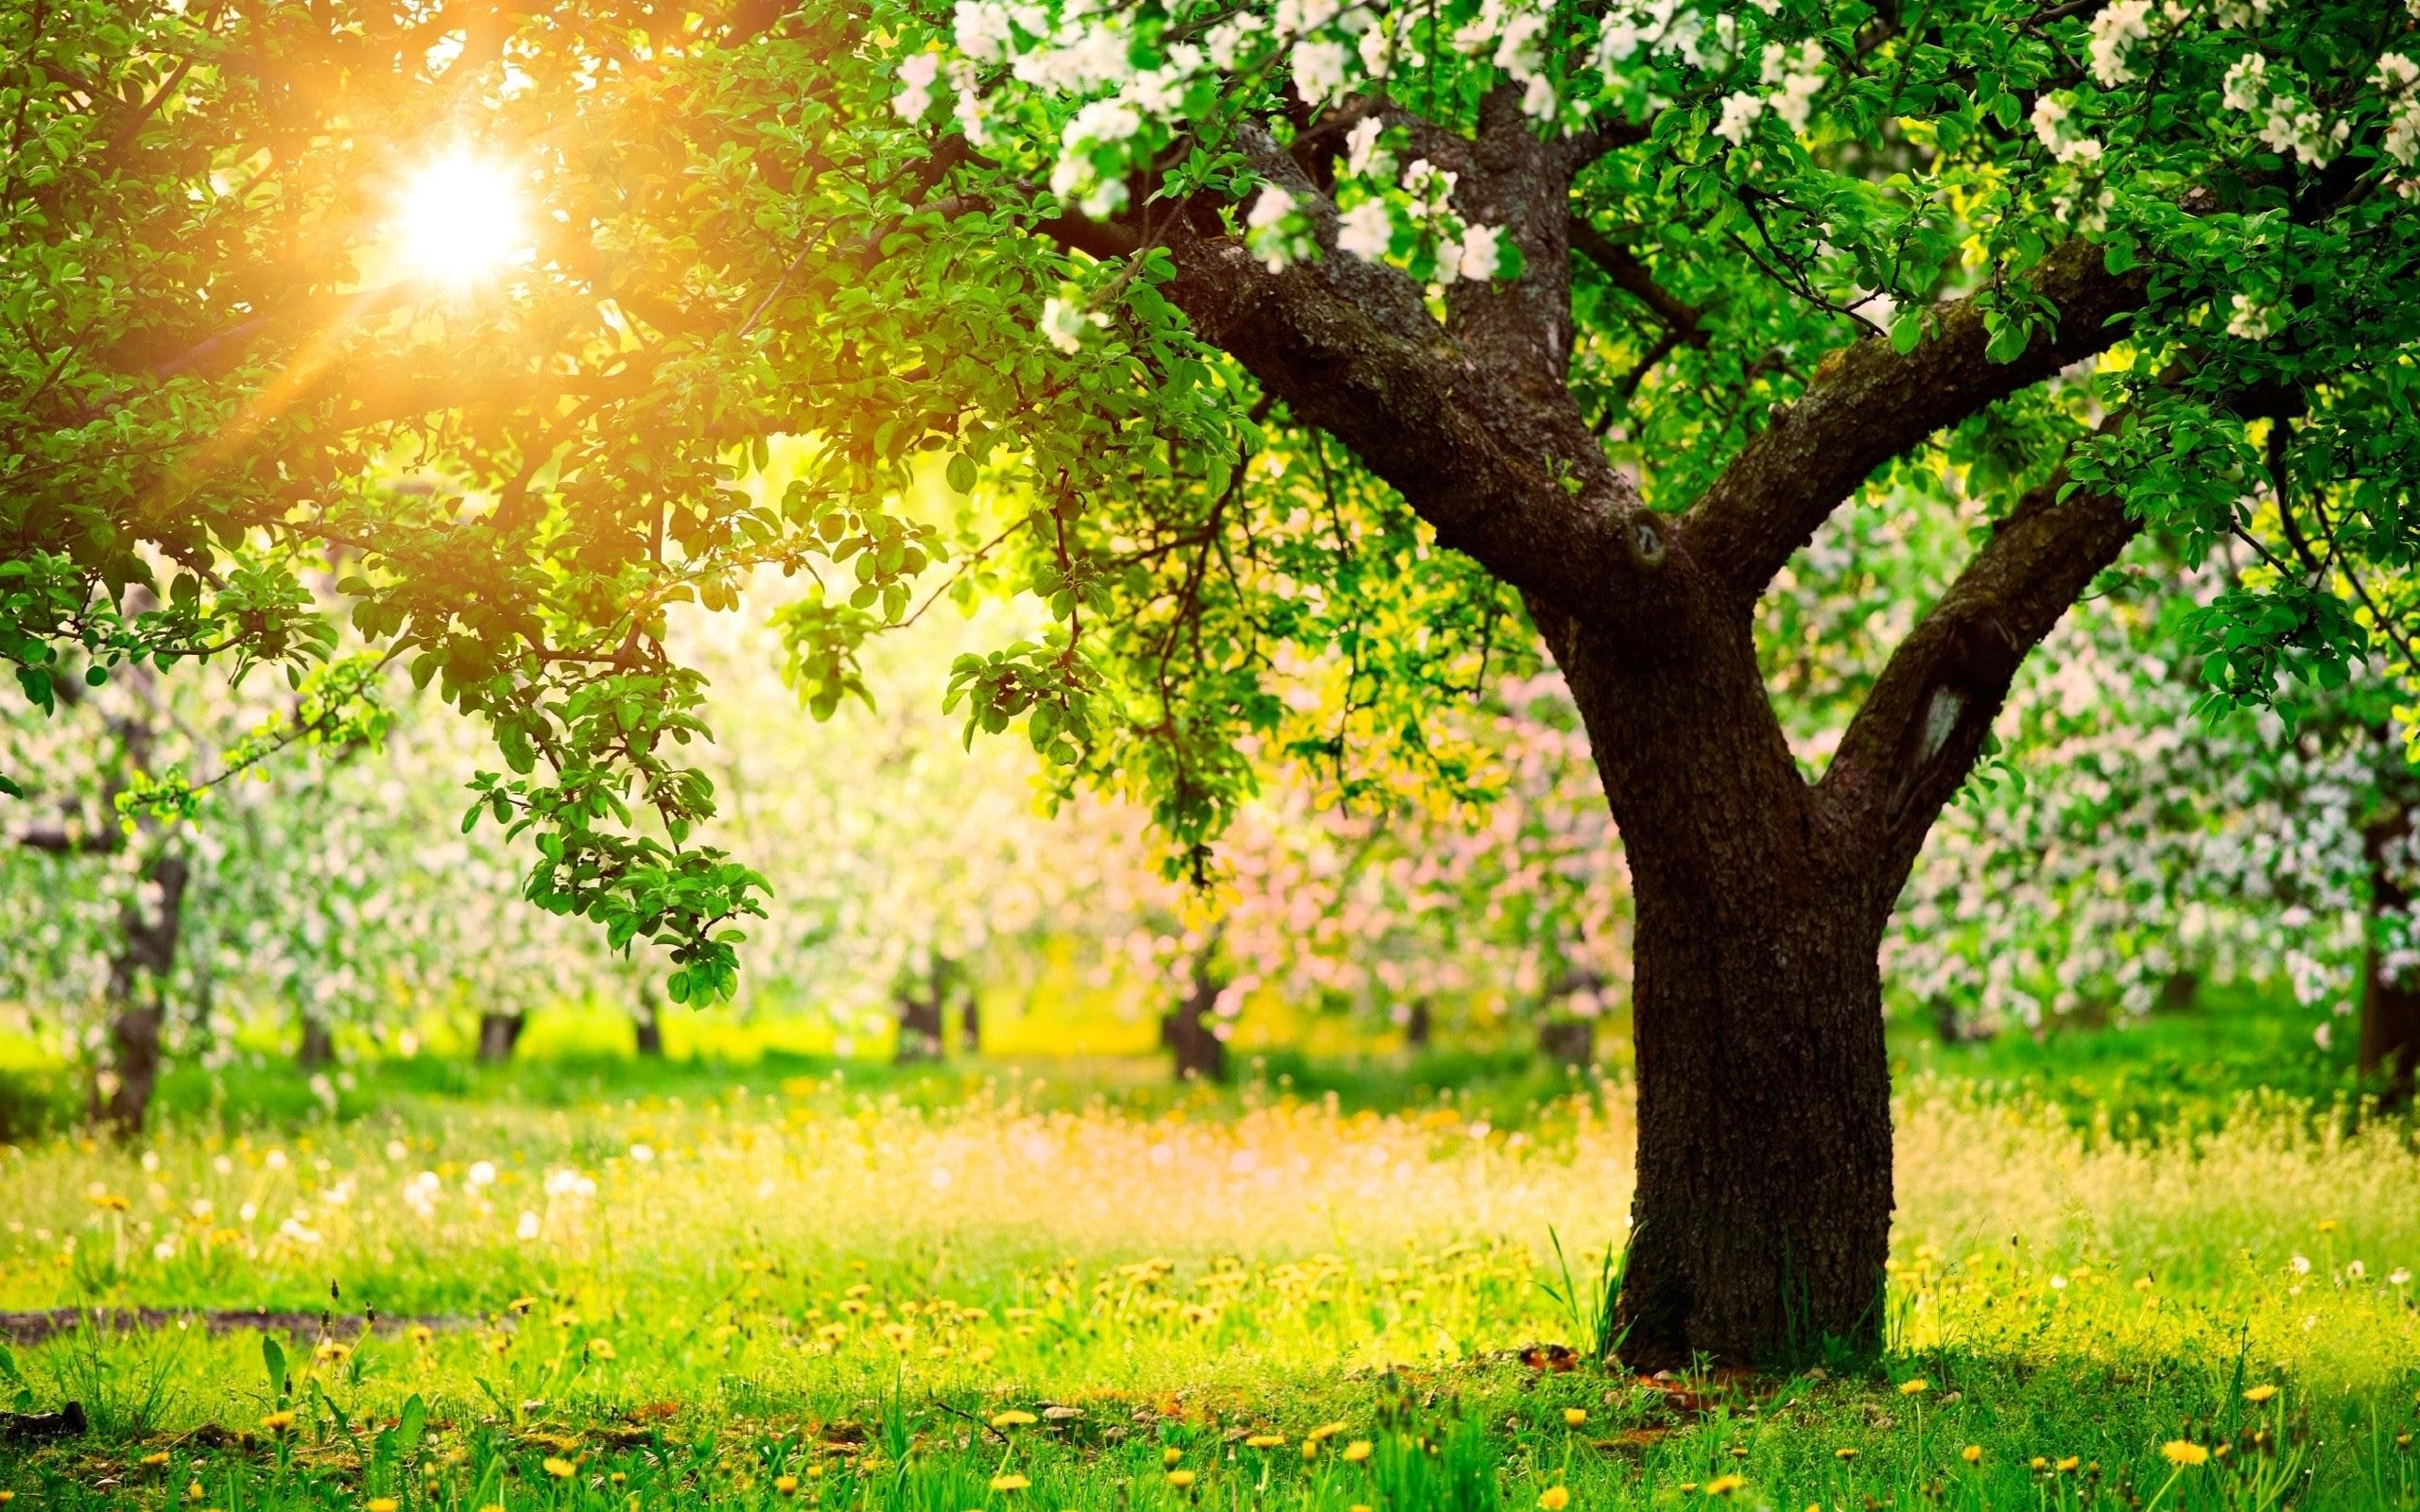 Αποτέλεσμα εικόνας για trees .spring,birds